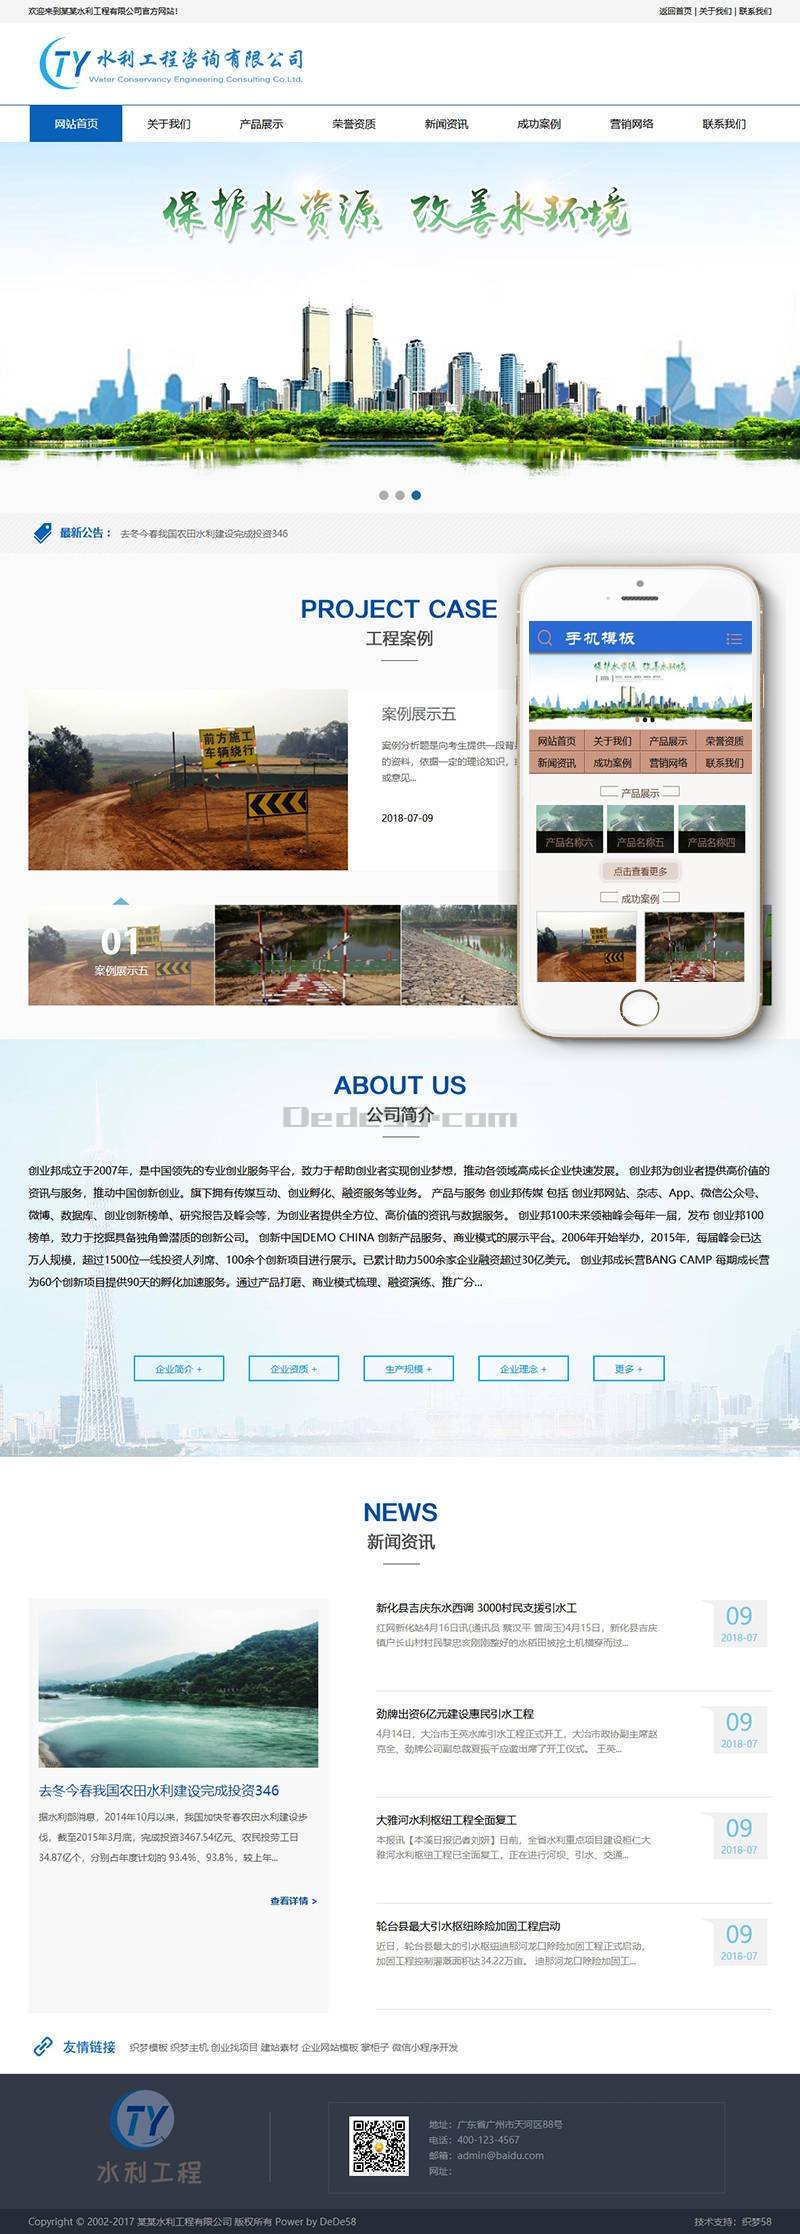 【长沙SEO企业建站】水利工程施工设计头头信誉首页